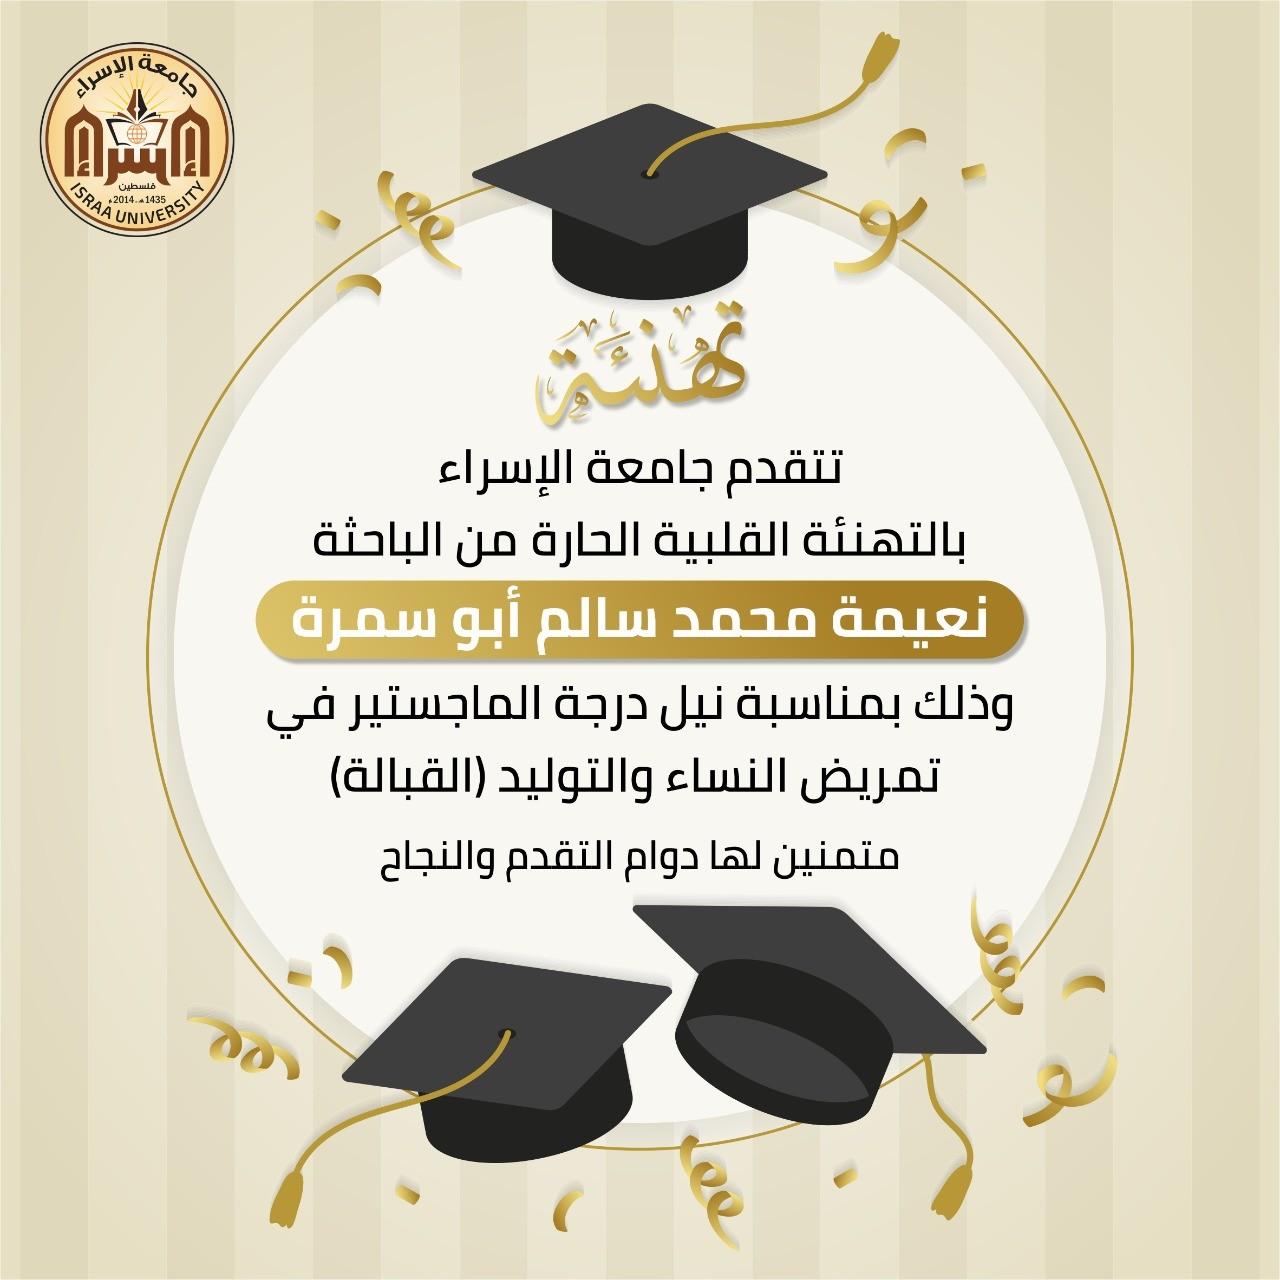 تهنئة بالحصول على درجة الماجستير جامعة الاسراء غزة